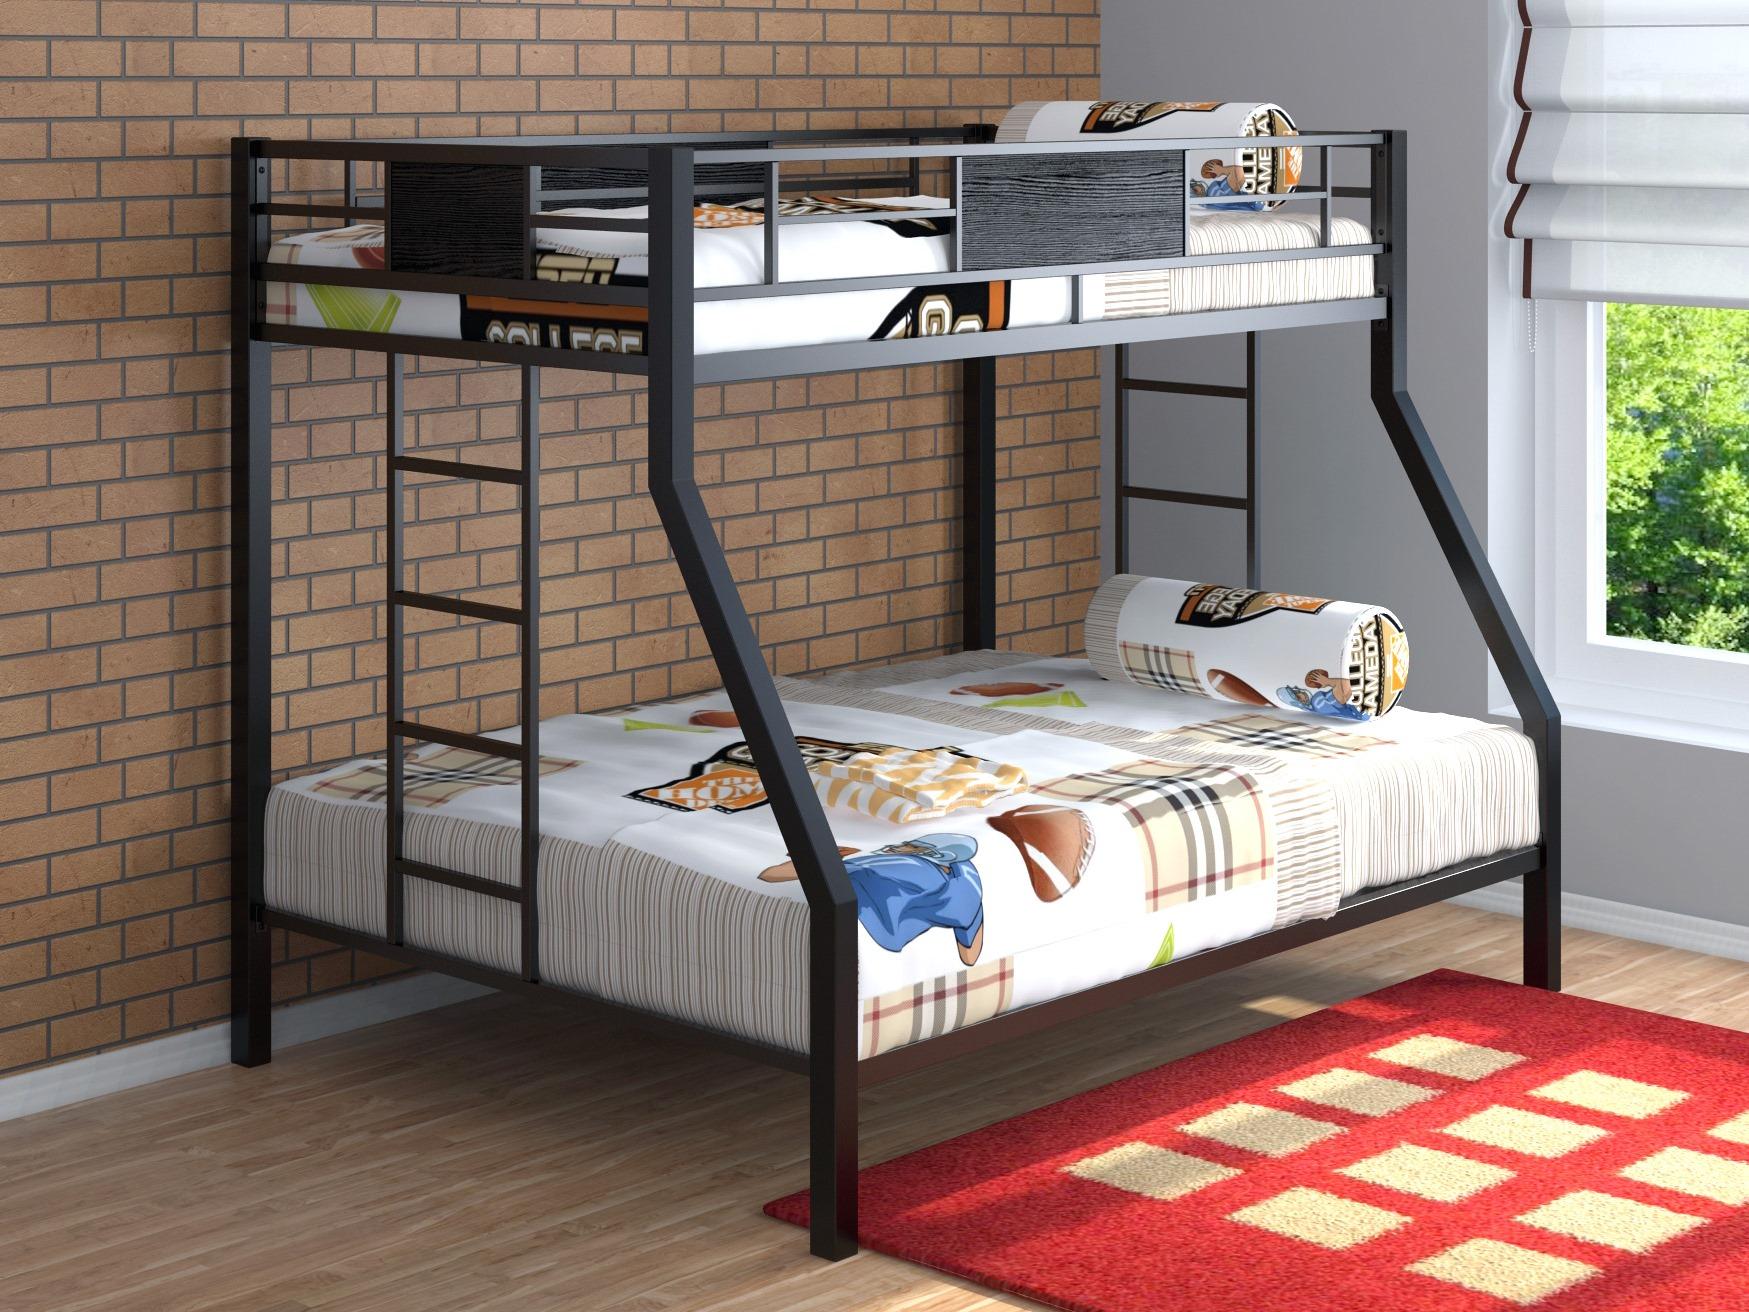 Простая двухъярусная кровать без дополнительных элементов